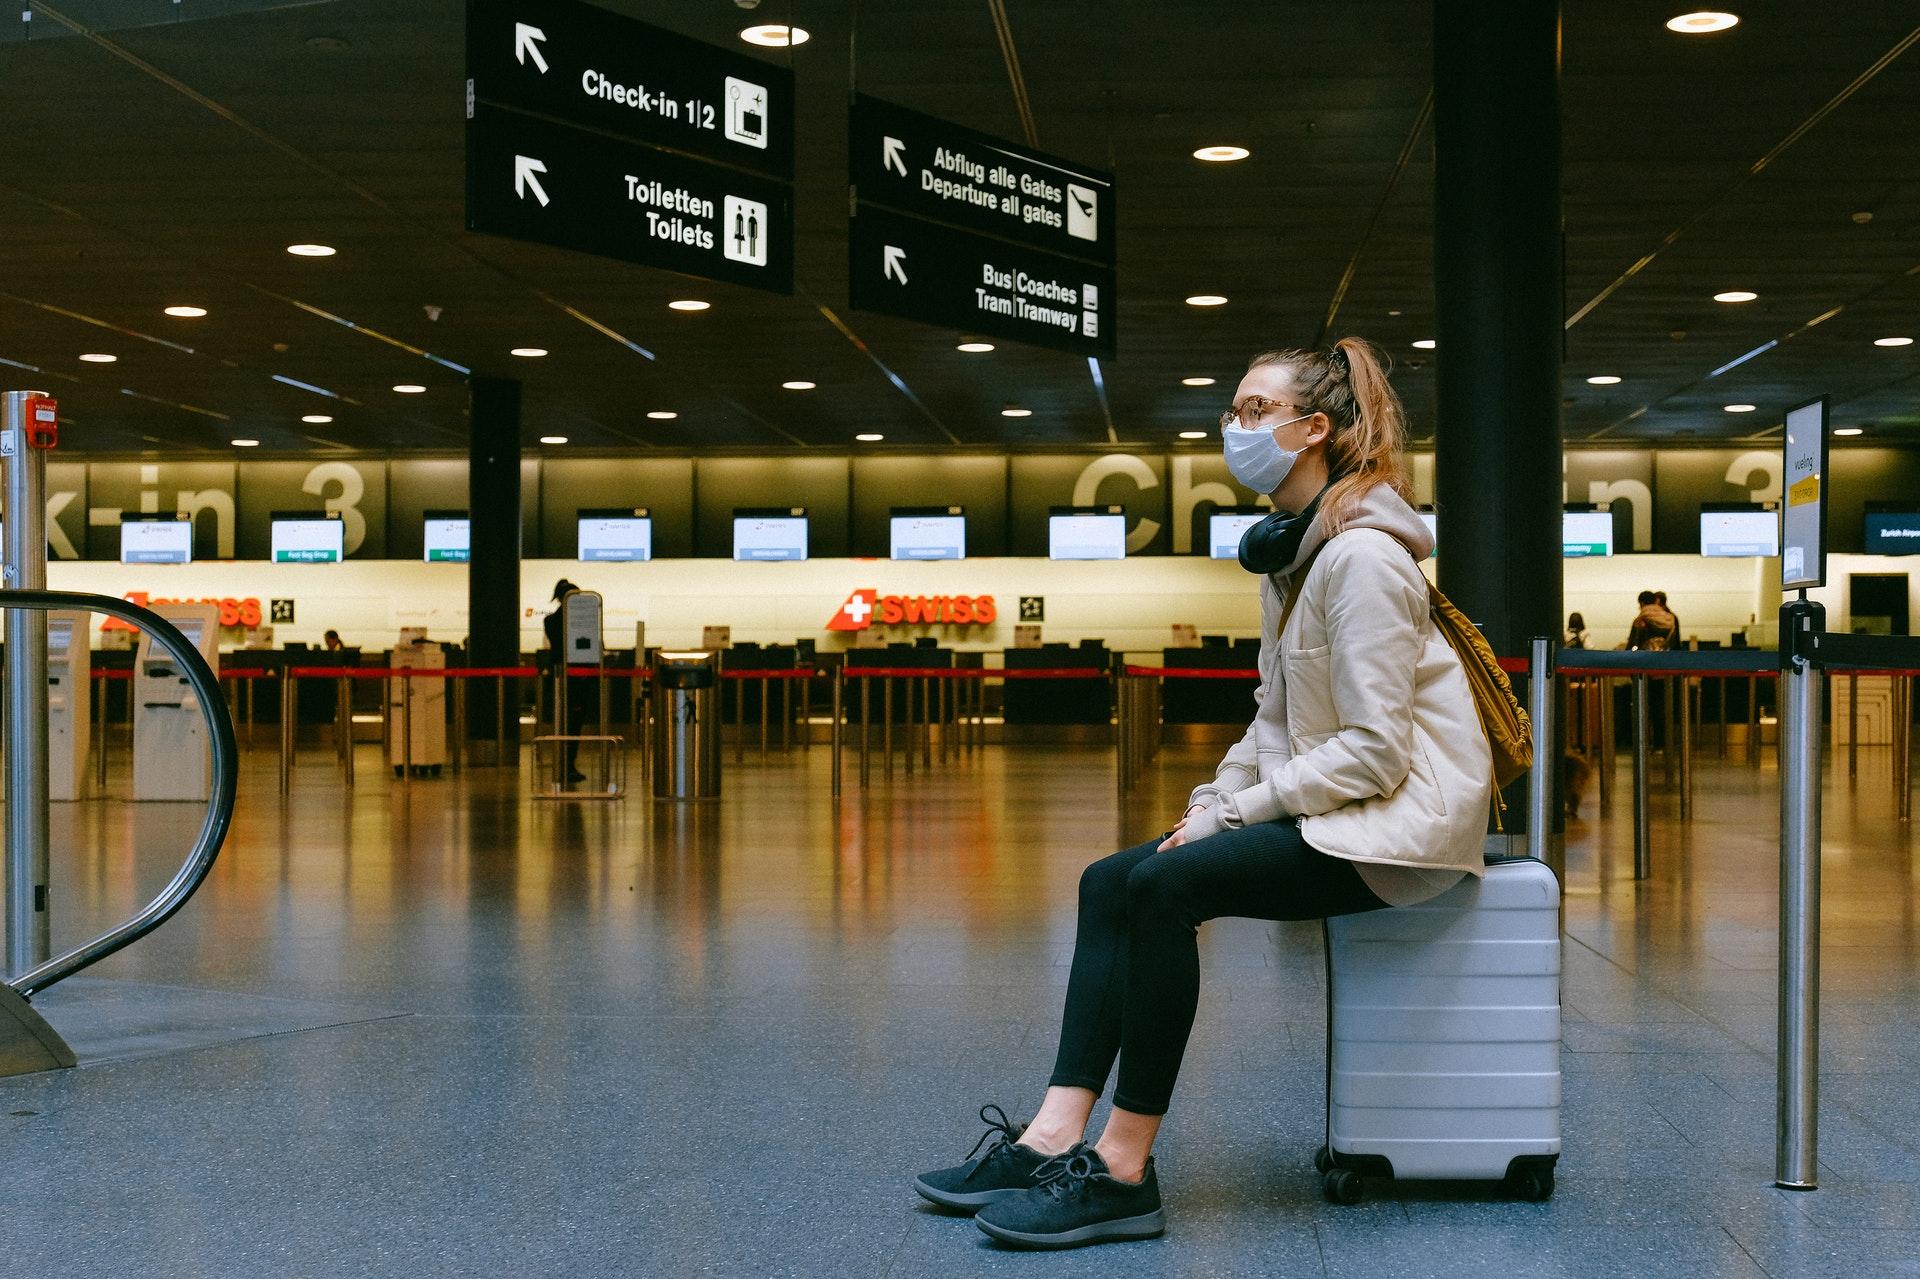 Imagem de uma mulher sentada em uma mala no saguão de um aeroporto usando máscara. Imagem ilustrativa texto franquias boas e baratas 2022.